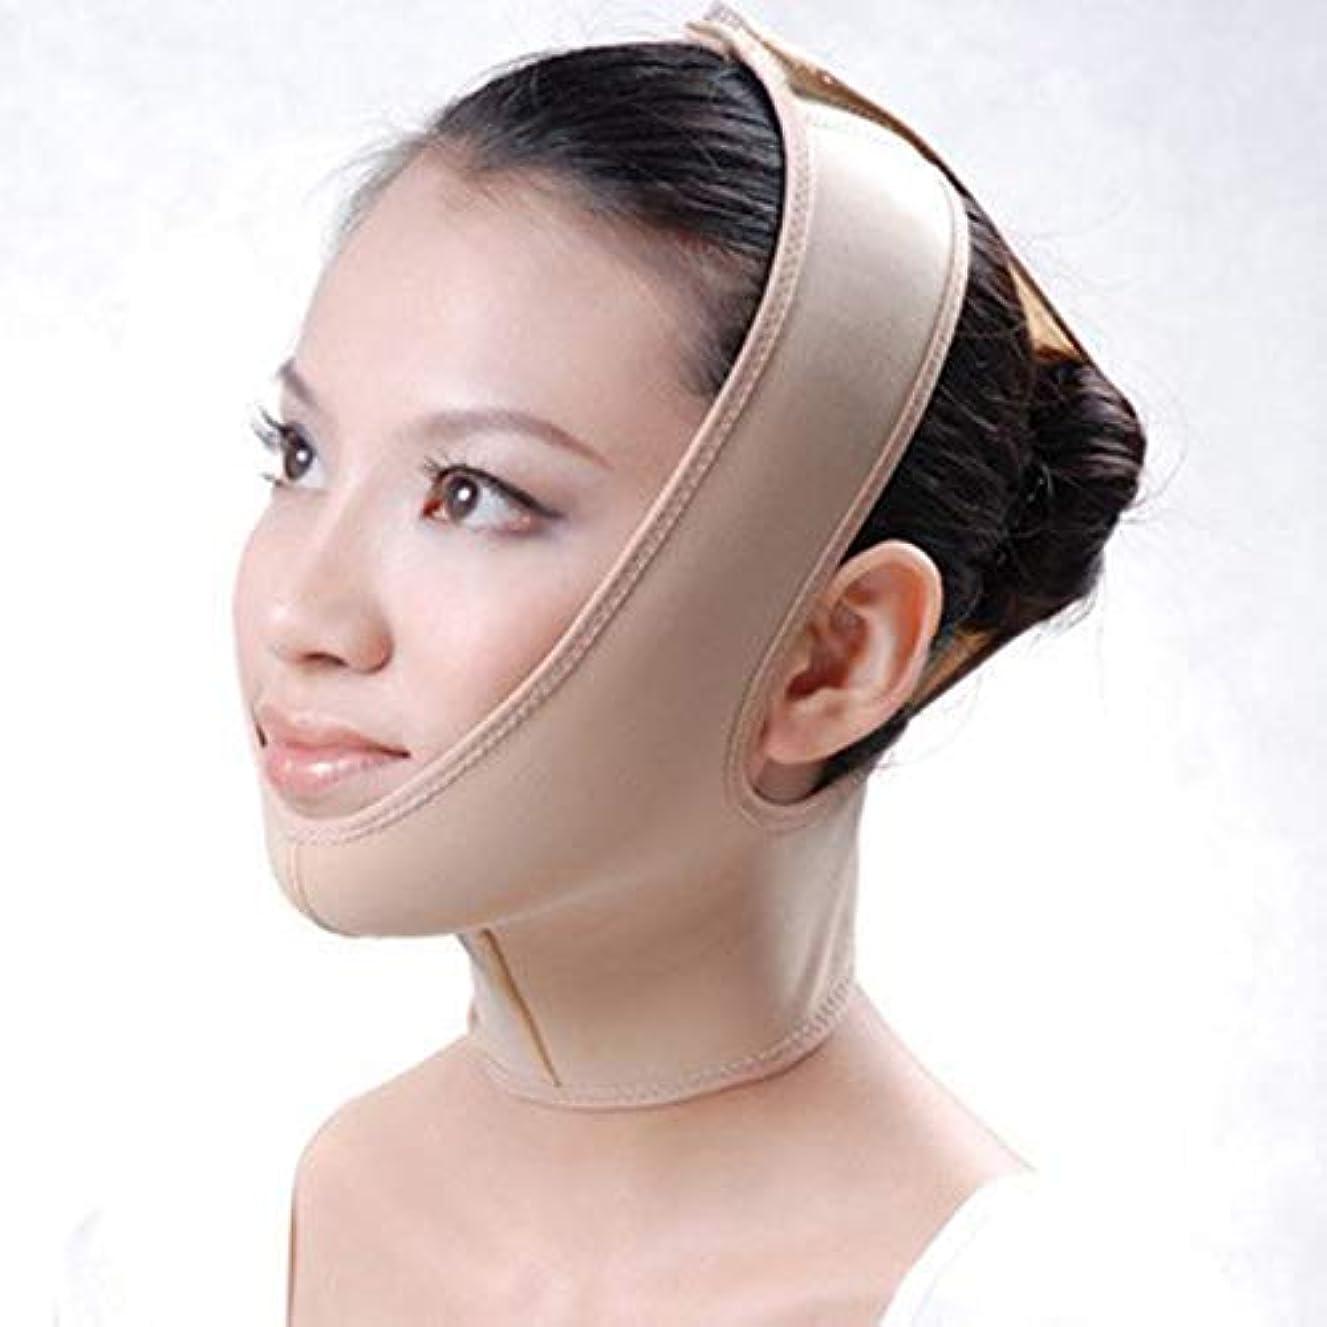 実現可能性冷淡な挽くHUYYA 女性の顔を持ち上げるベルト、しわ防止包帯 Vライン頬 二重あごの減量顔ネック包帯,Flesh_Medium